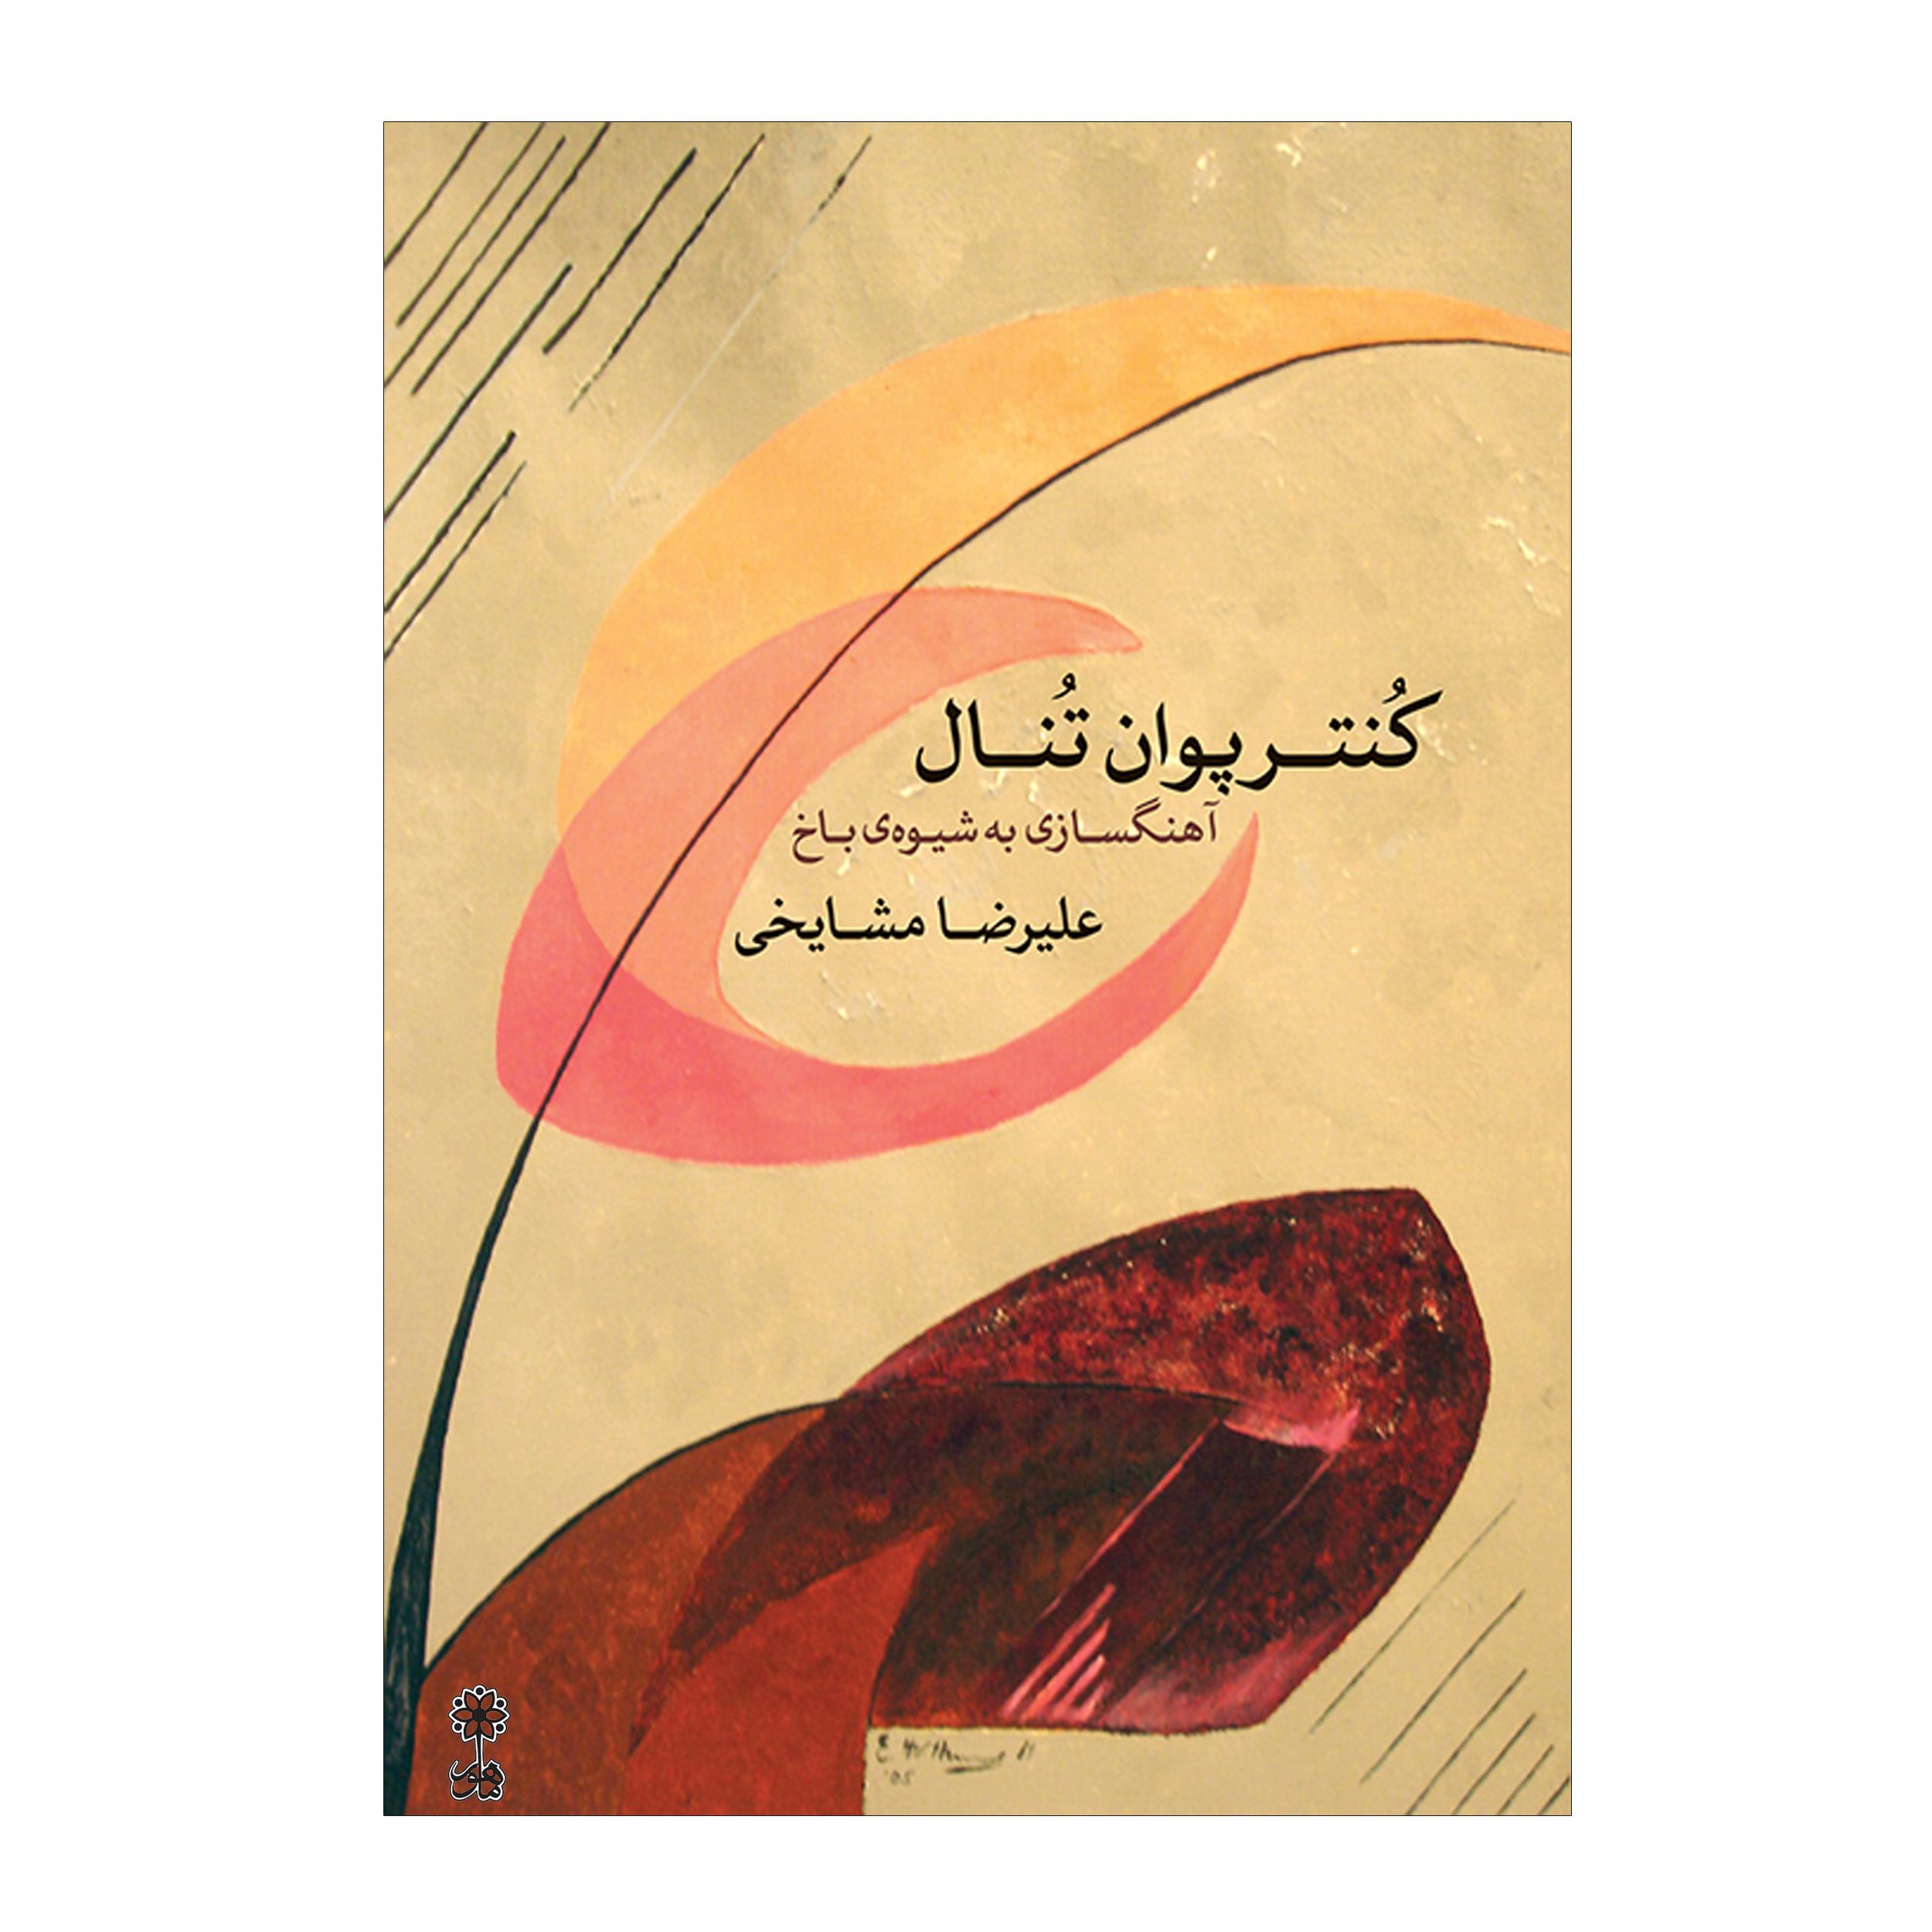 خرید                      کتاب کنترپوان تنال آهنگسازی به شیوه باخ اثر علیرضا مشایخی انتشارات ماهور